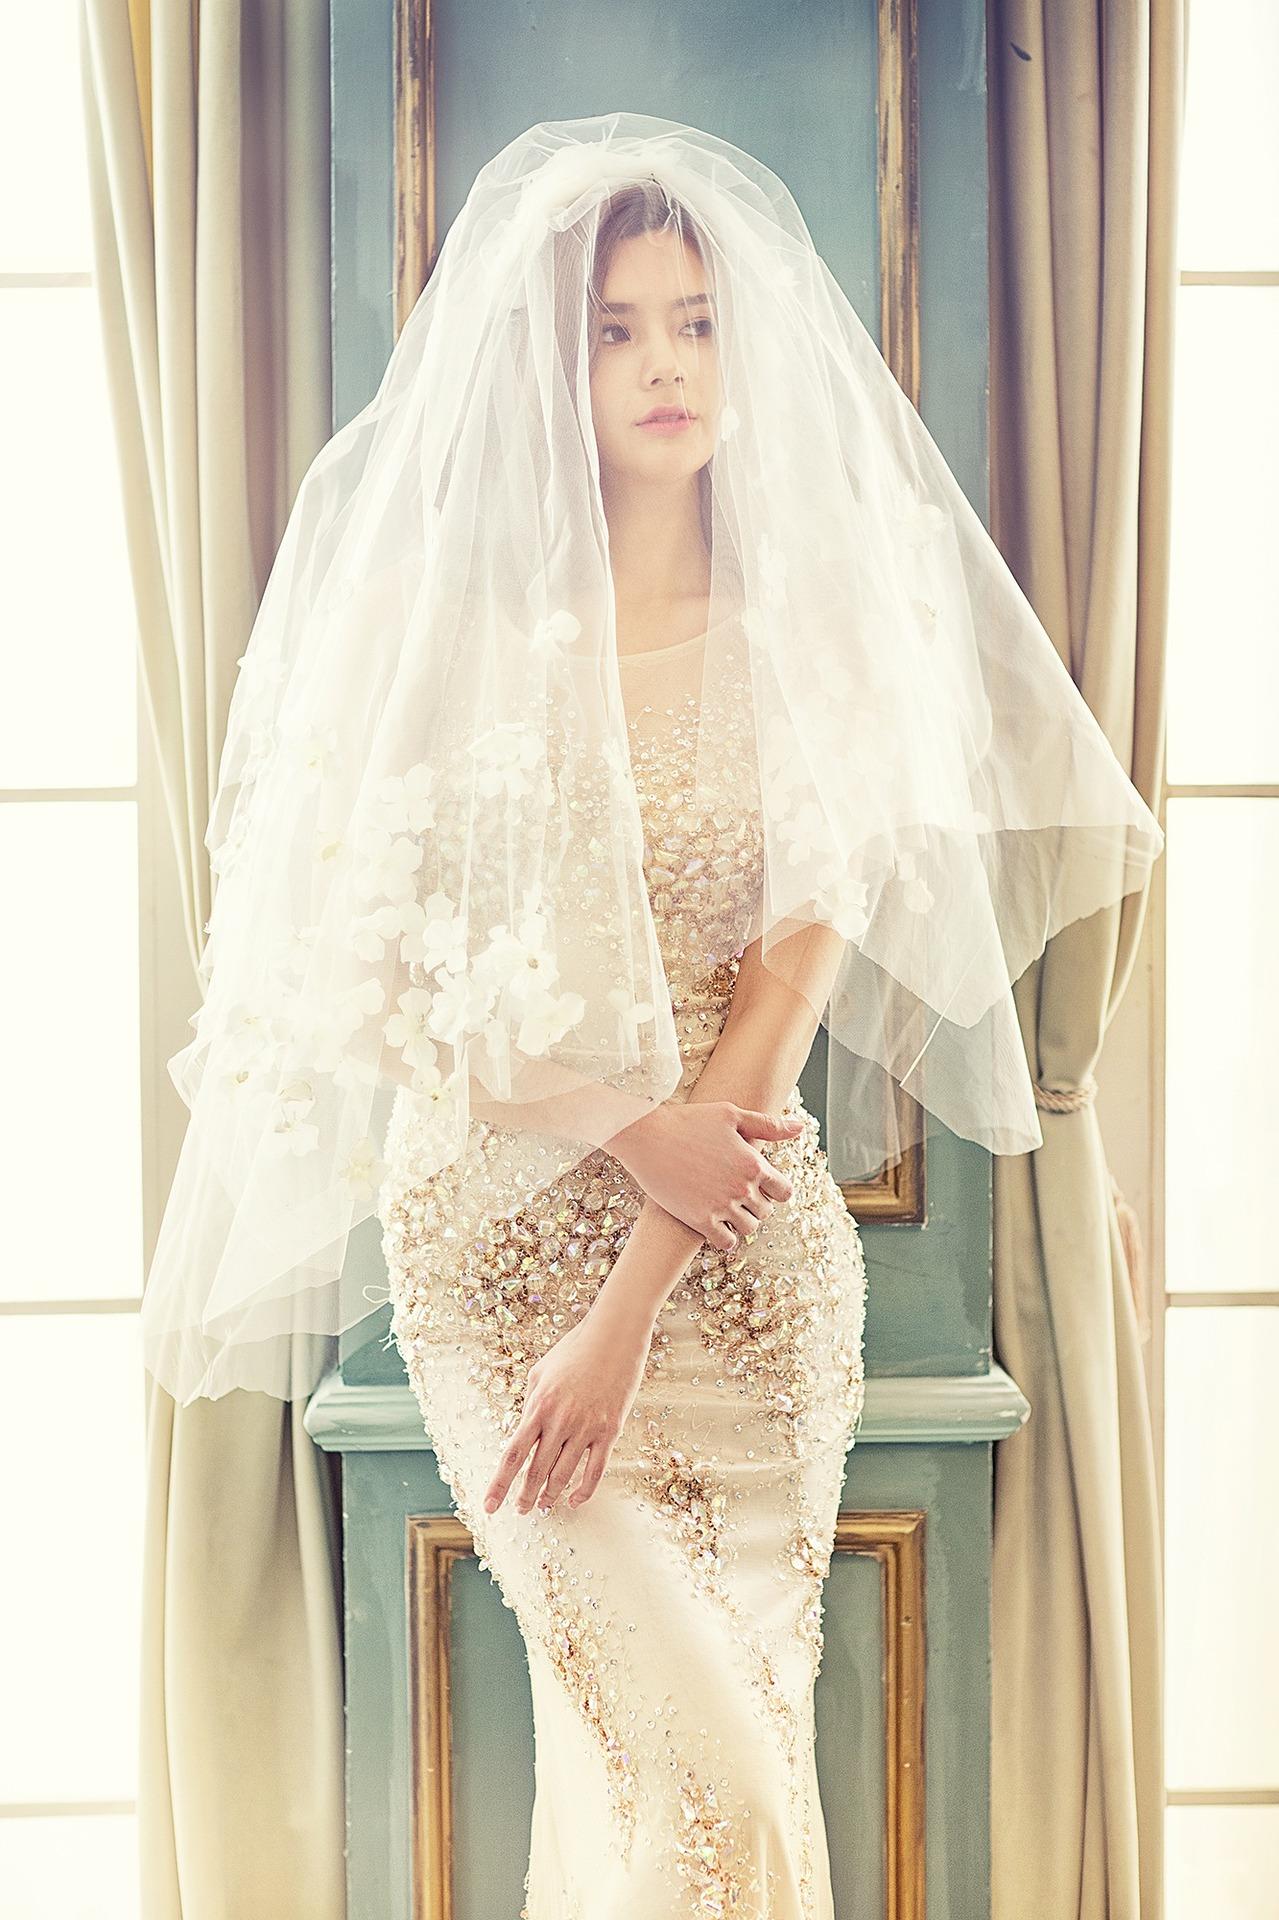 Zeitlosigkeit ist immer an der Spitze. Weiße Hochzeitsstrümpfe als klassisches Element des Innenraums.